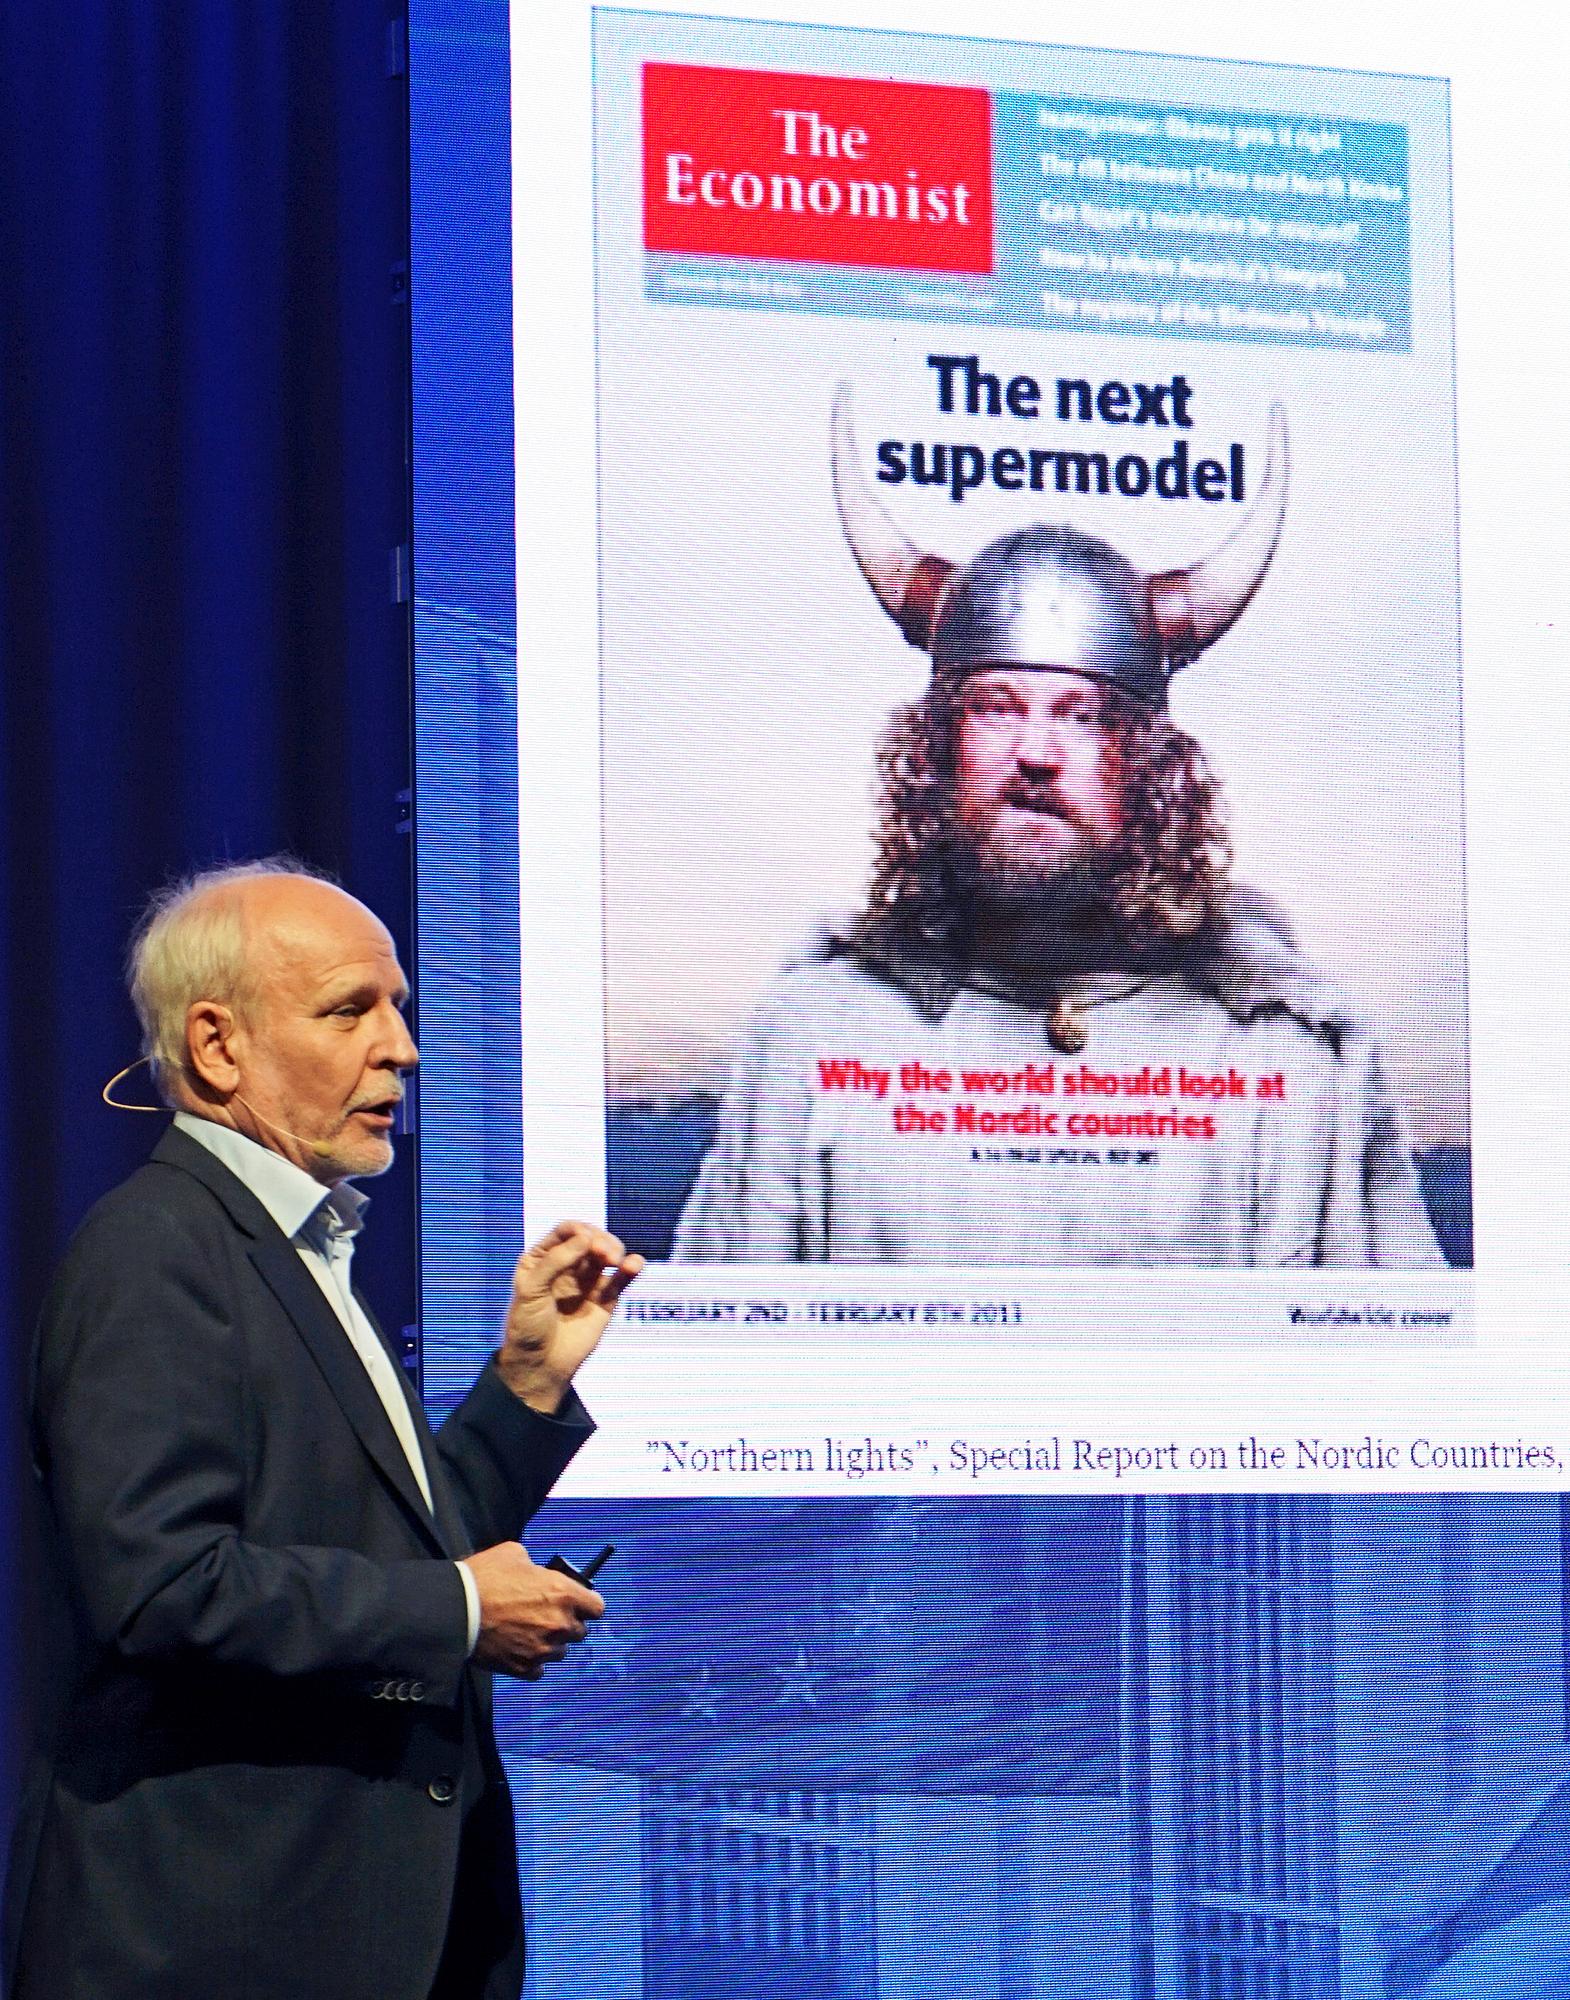 Pohjoismaista hyvinvointiyhteiskuntaa katsotaan maailmalla ihaillen. Uudelleenrakennusta kuitenkin tarvitaan, huomautti professori Matti Pohjola.